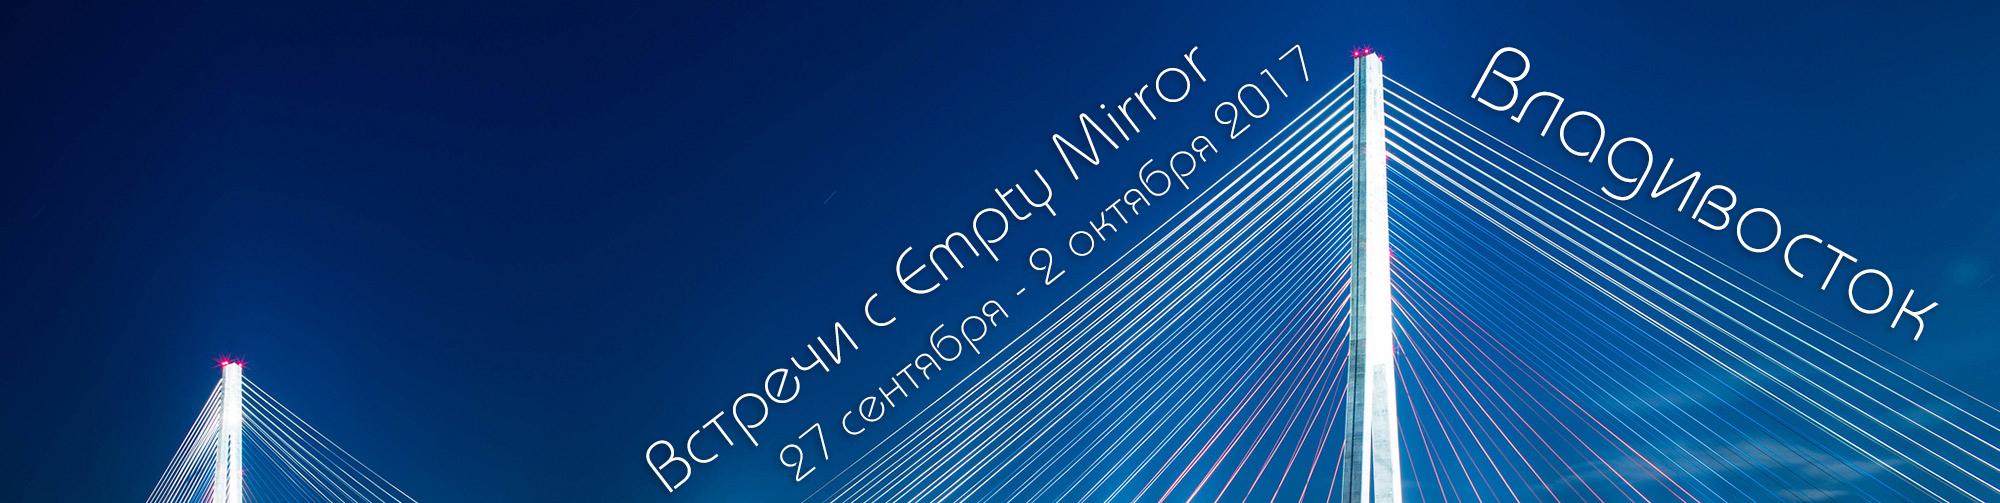 Встречи с Empty_Mirror во Владивостоке 27 сентября - 2 октября 2017г.